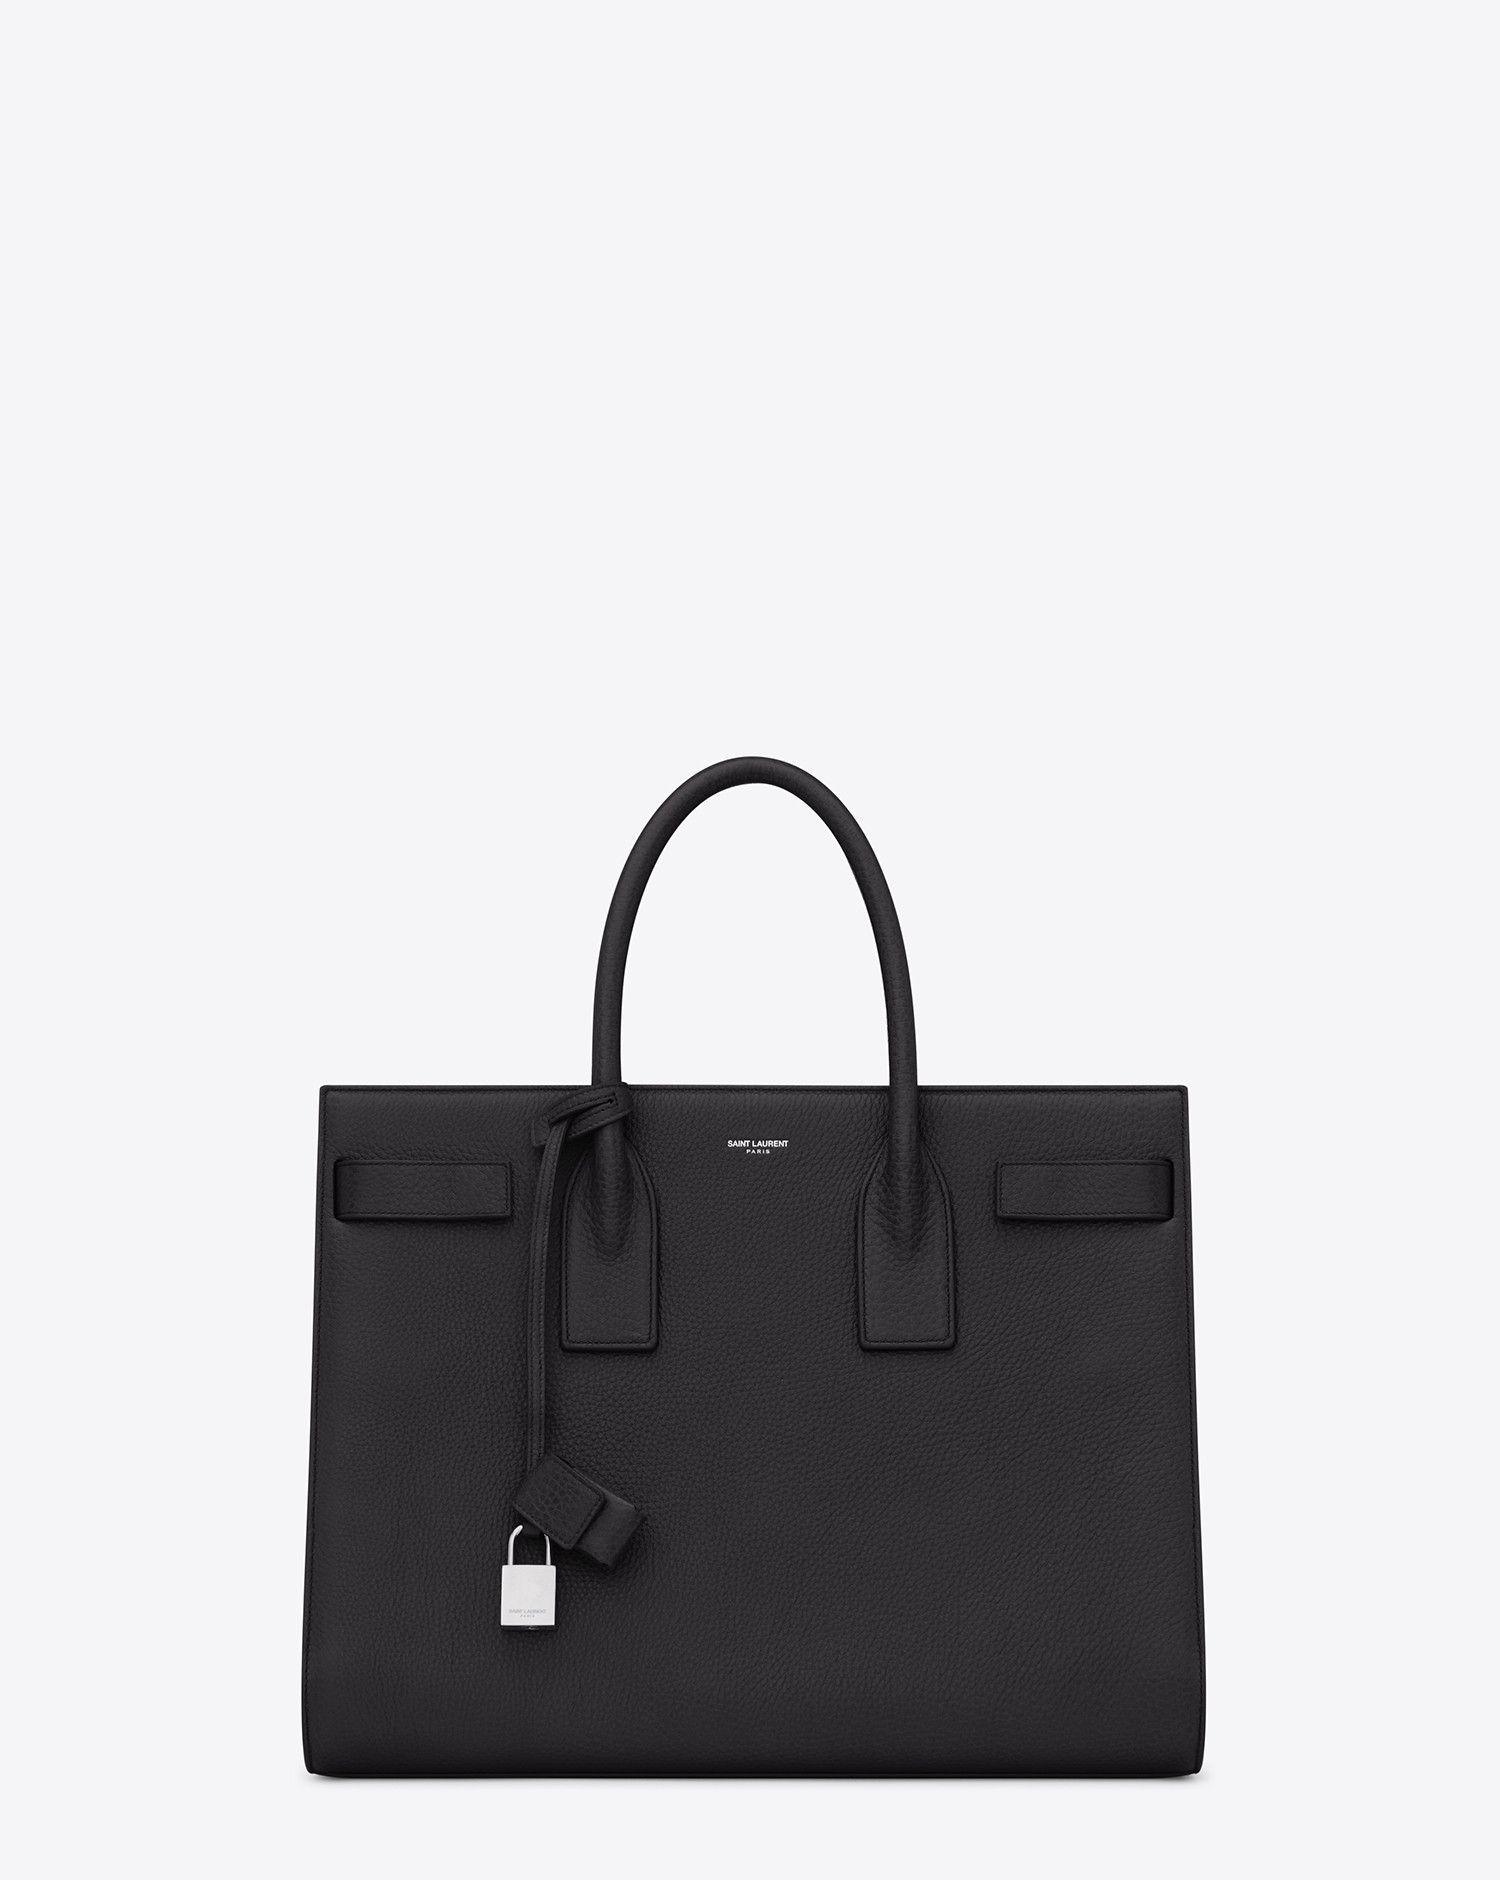 63ce189289 Saint Laurent CLASSIC LARGE SAC DE JOUR BAG In Black Grained Leather ...